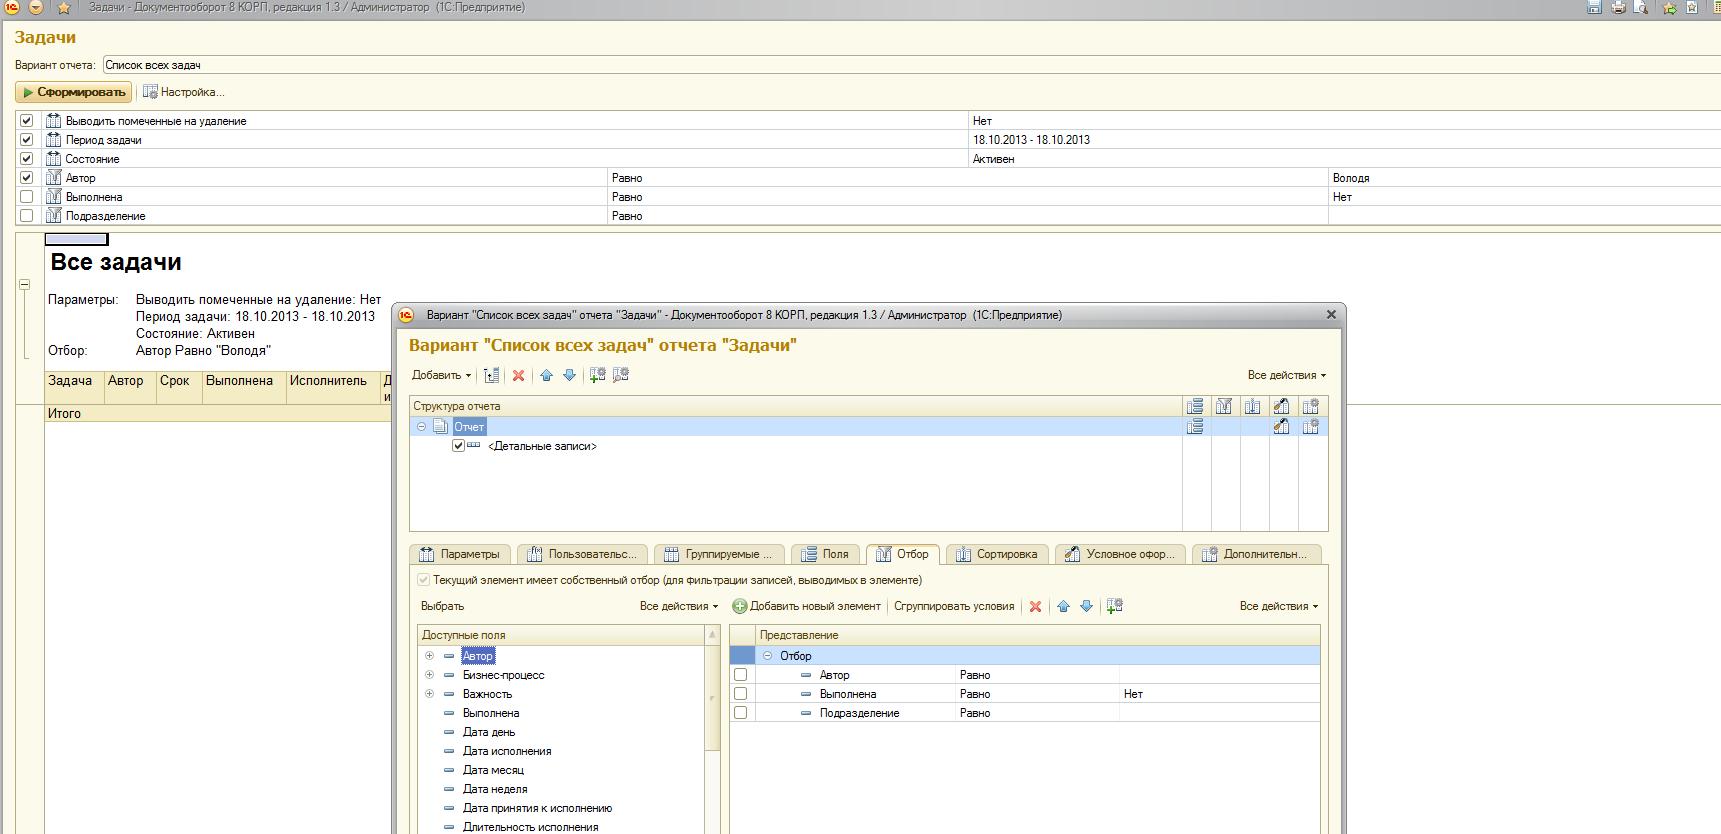 1с скд пользовательские настройки отбор программно обновление 1с 8.2 2.0.56.7 скачать